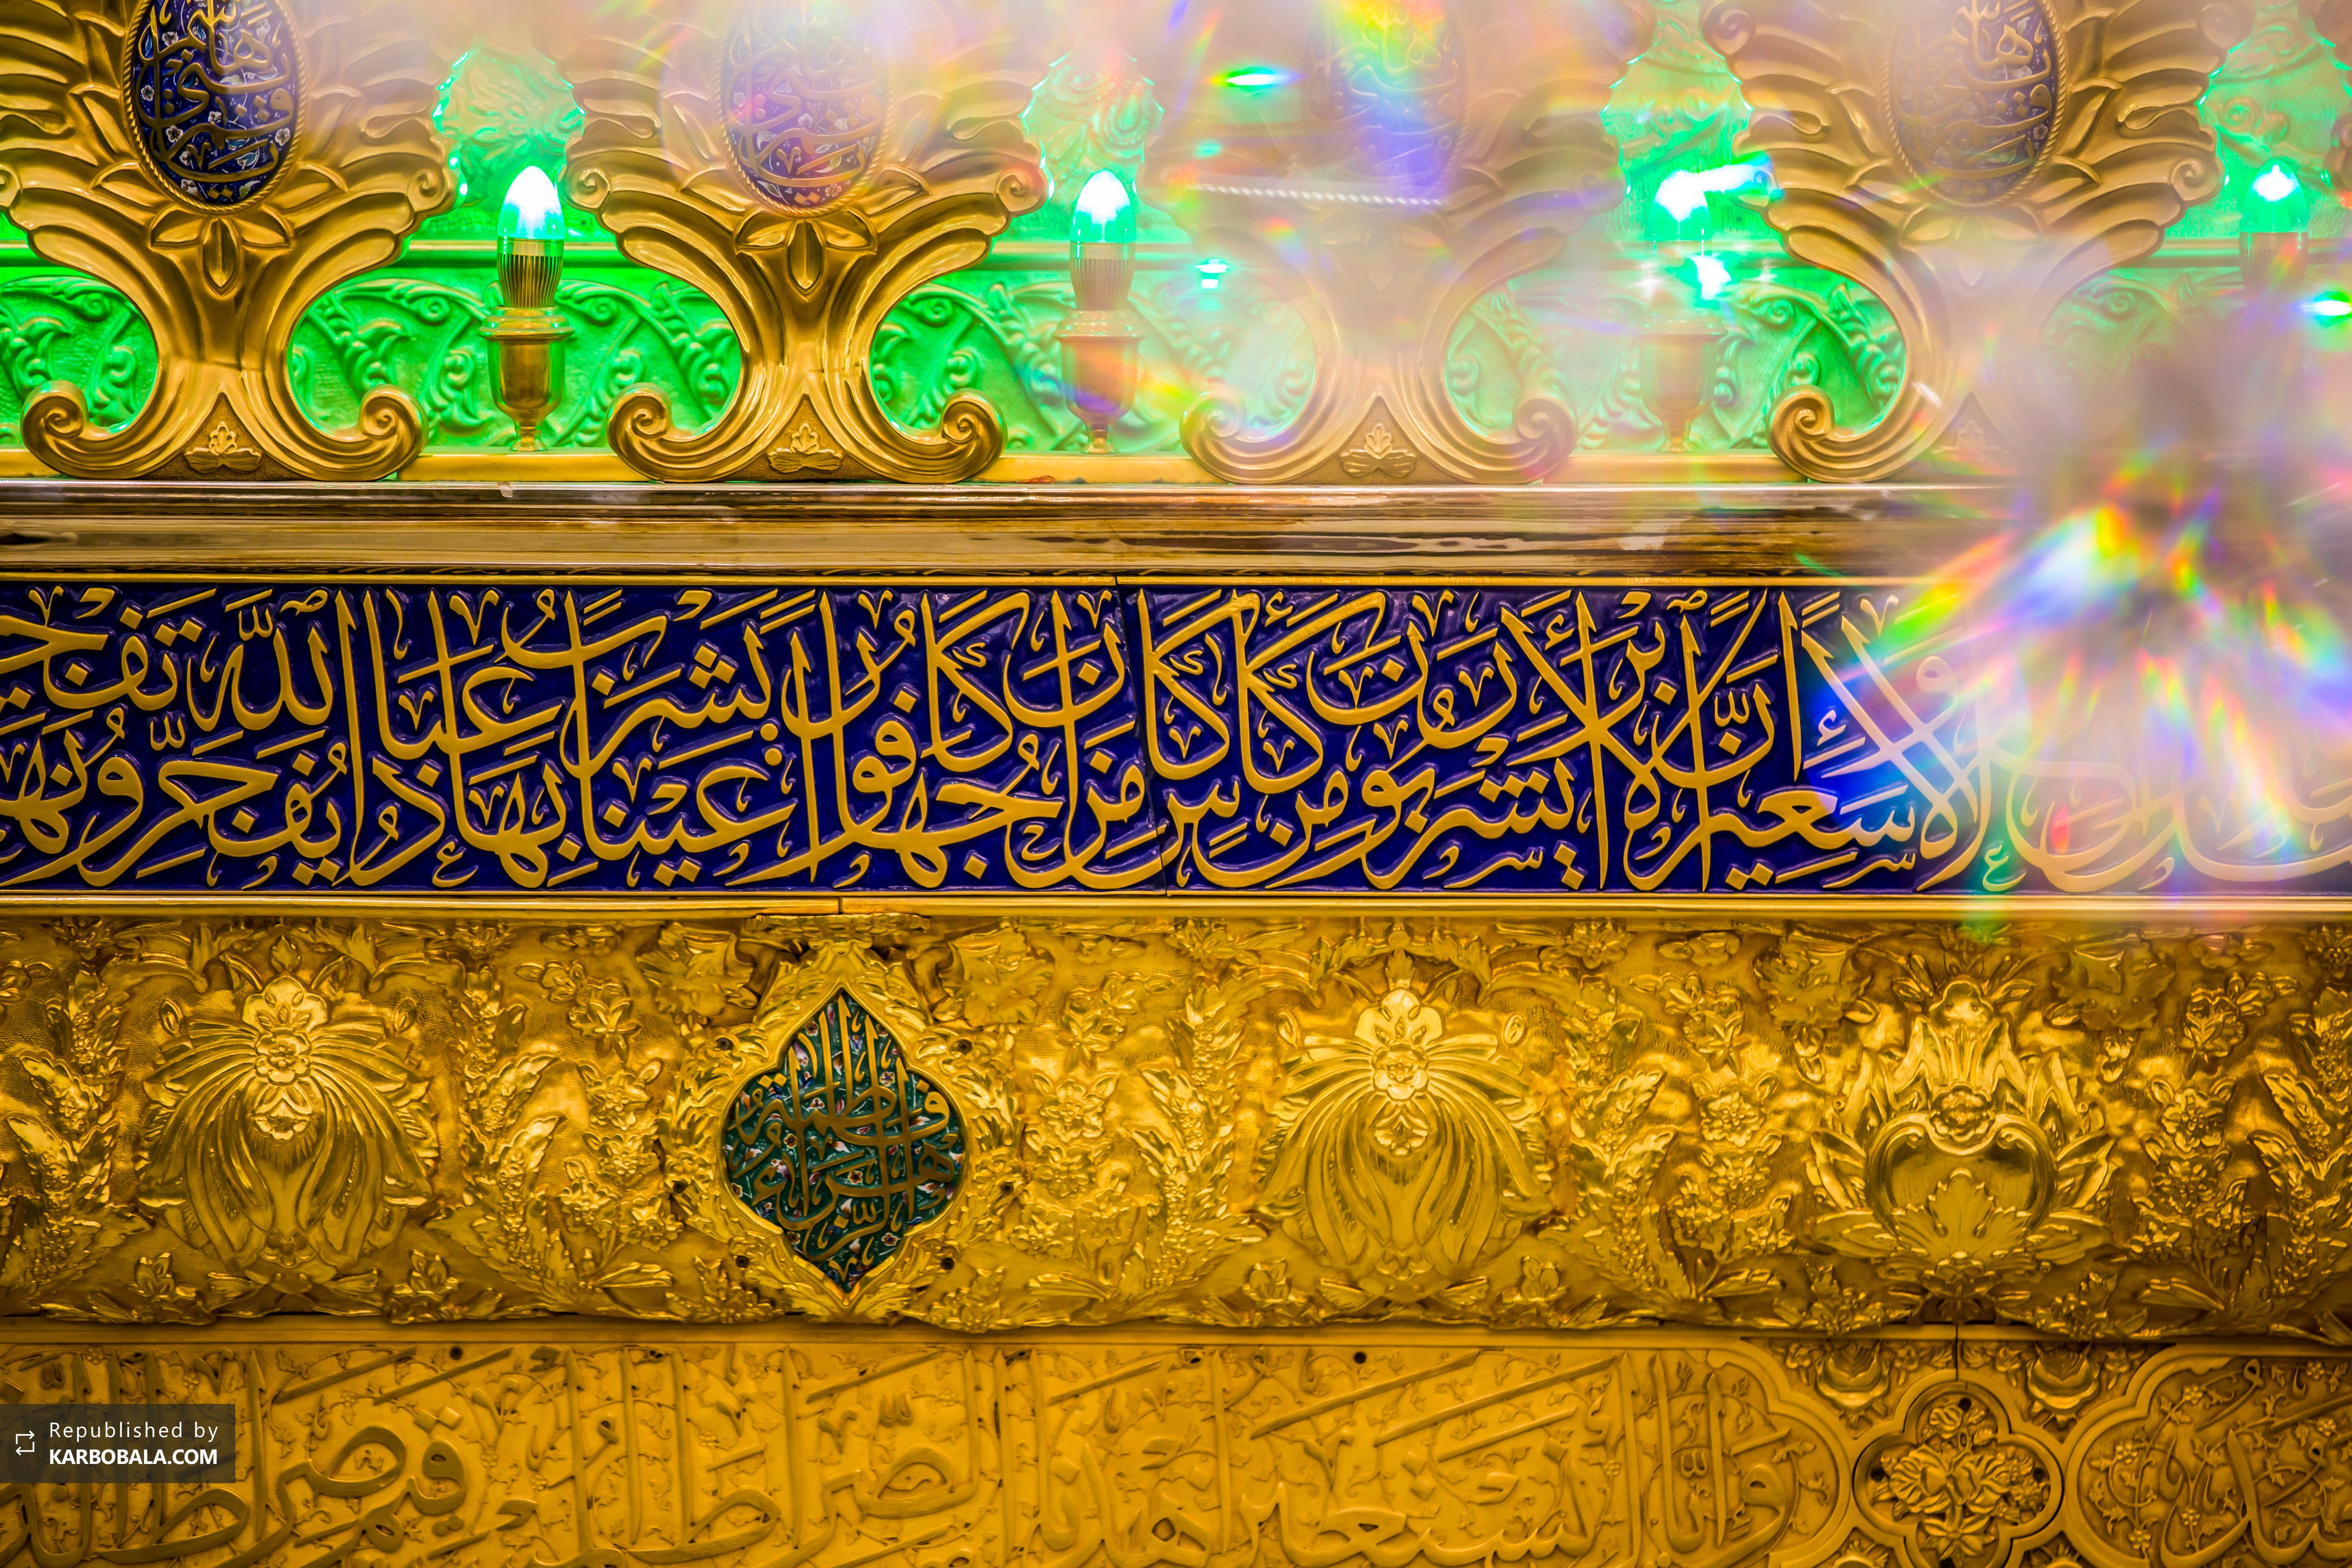 Hazrat_Abbas(1018)-Karbobala.com